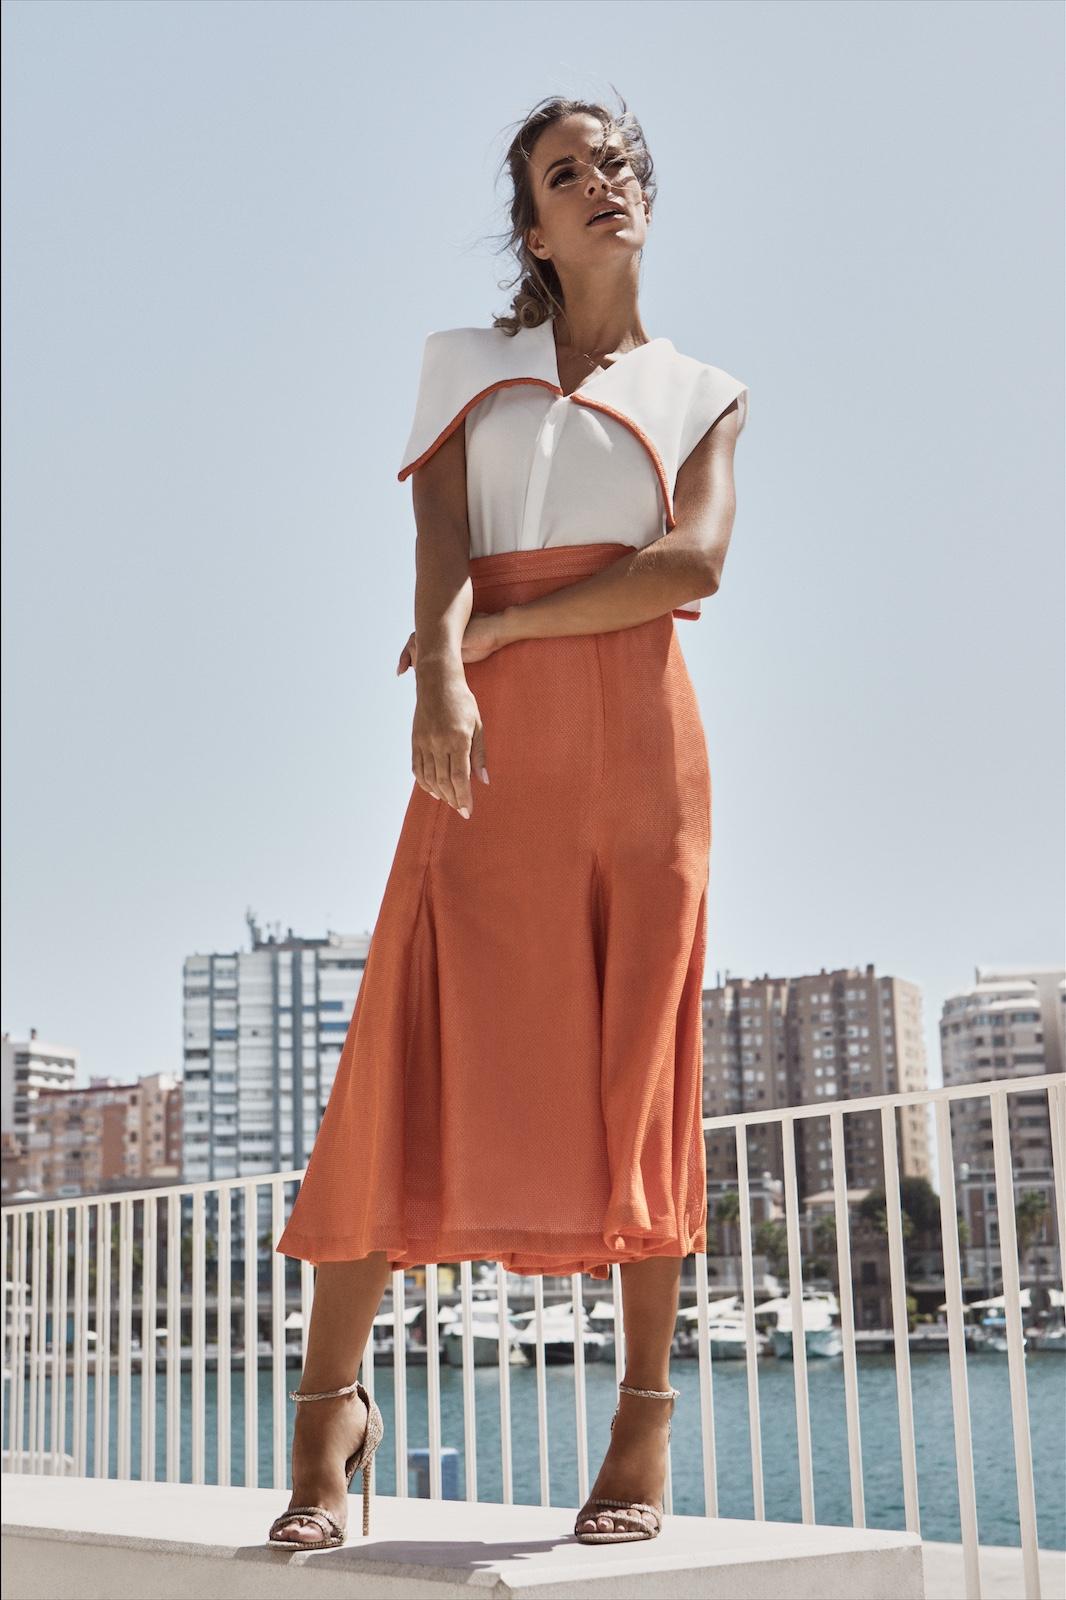 Sailor Top / Riviera Skirt